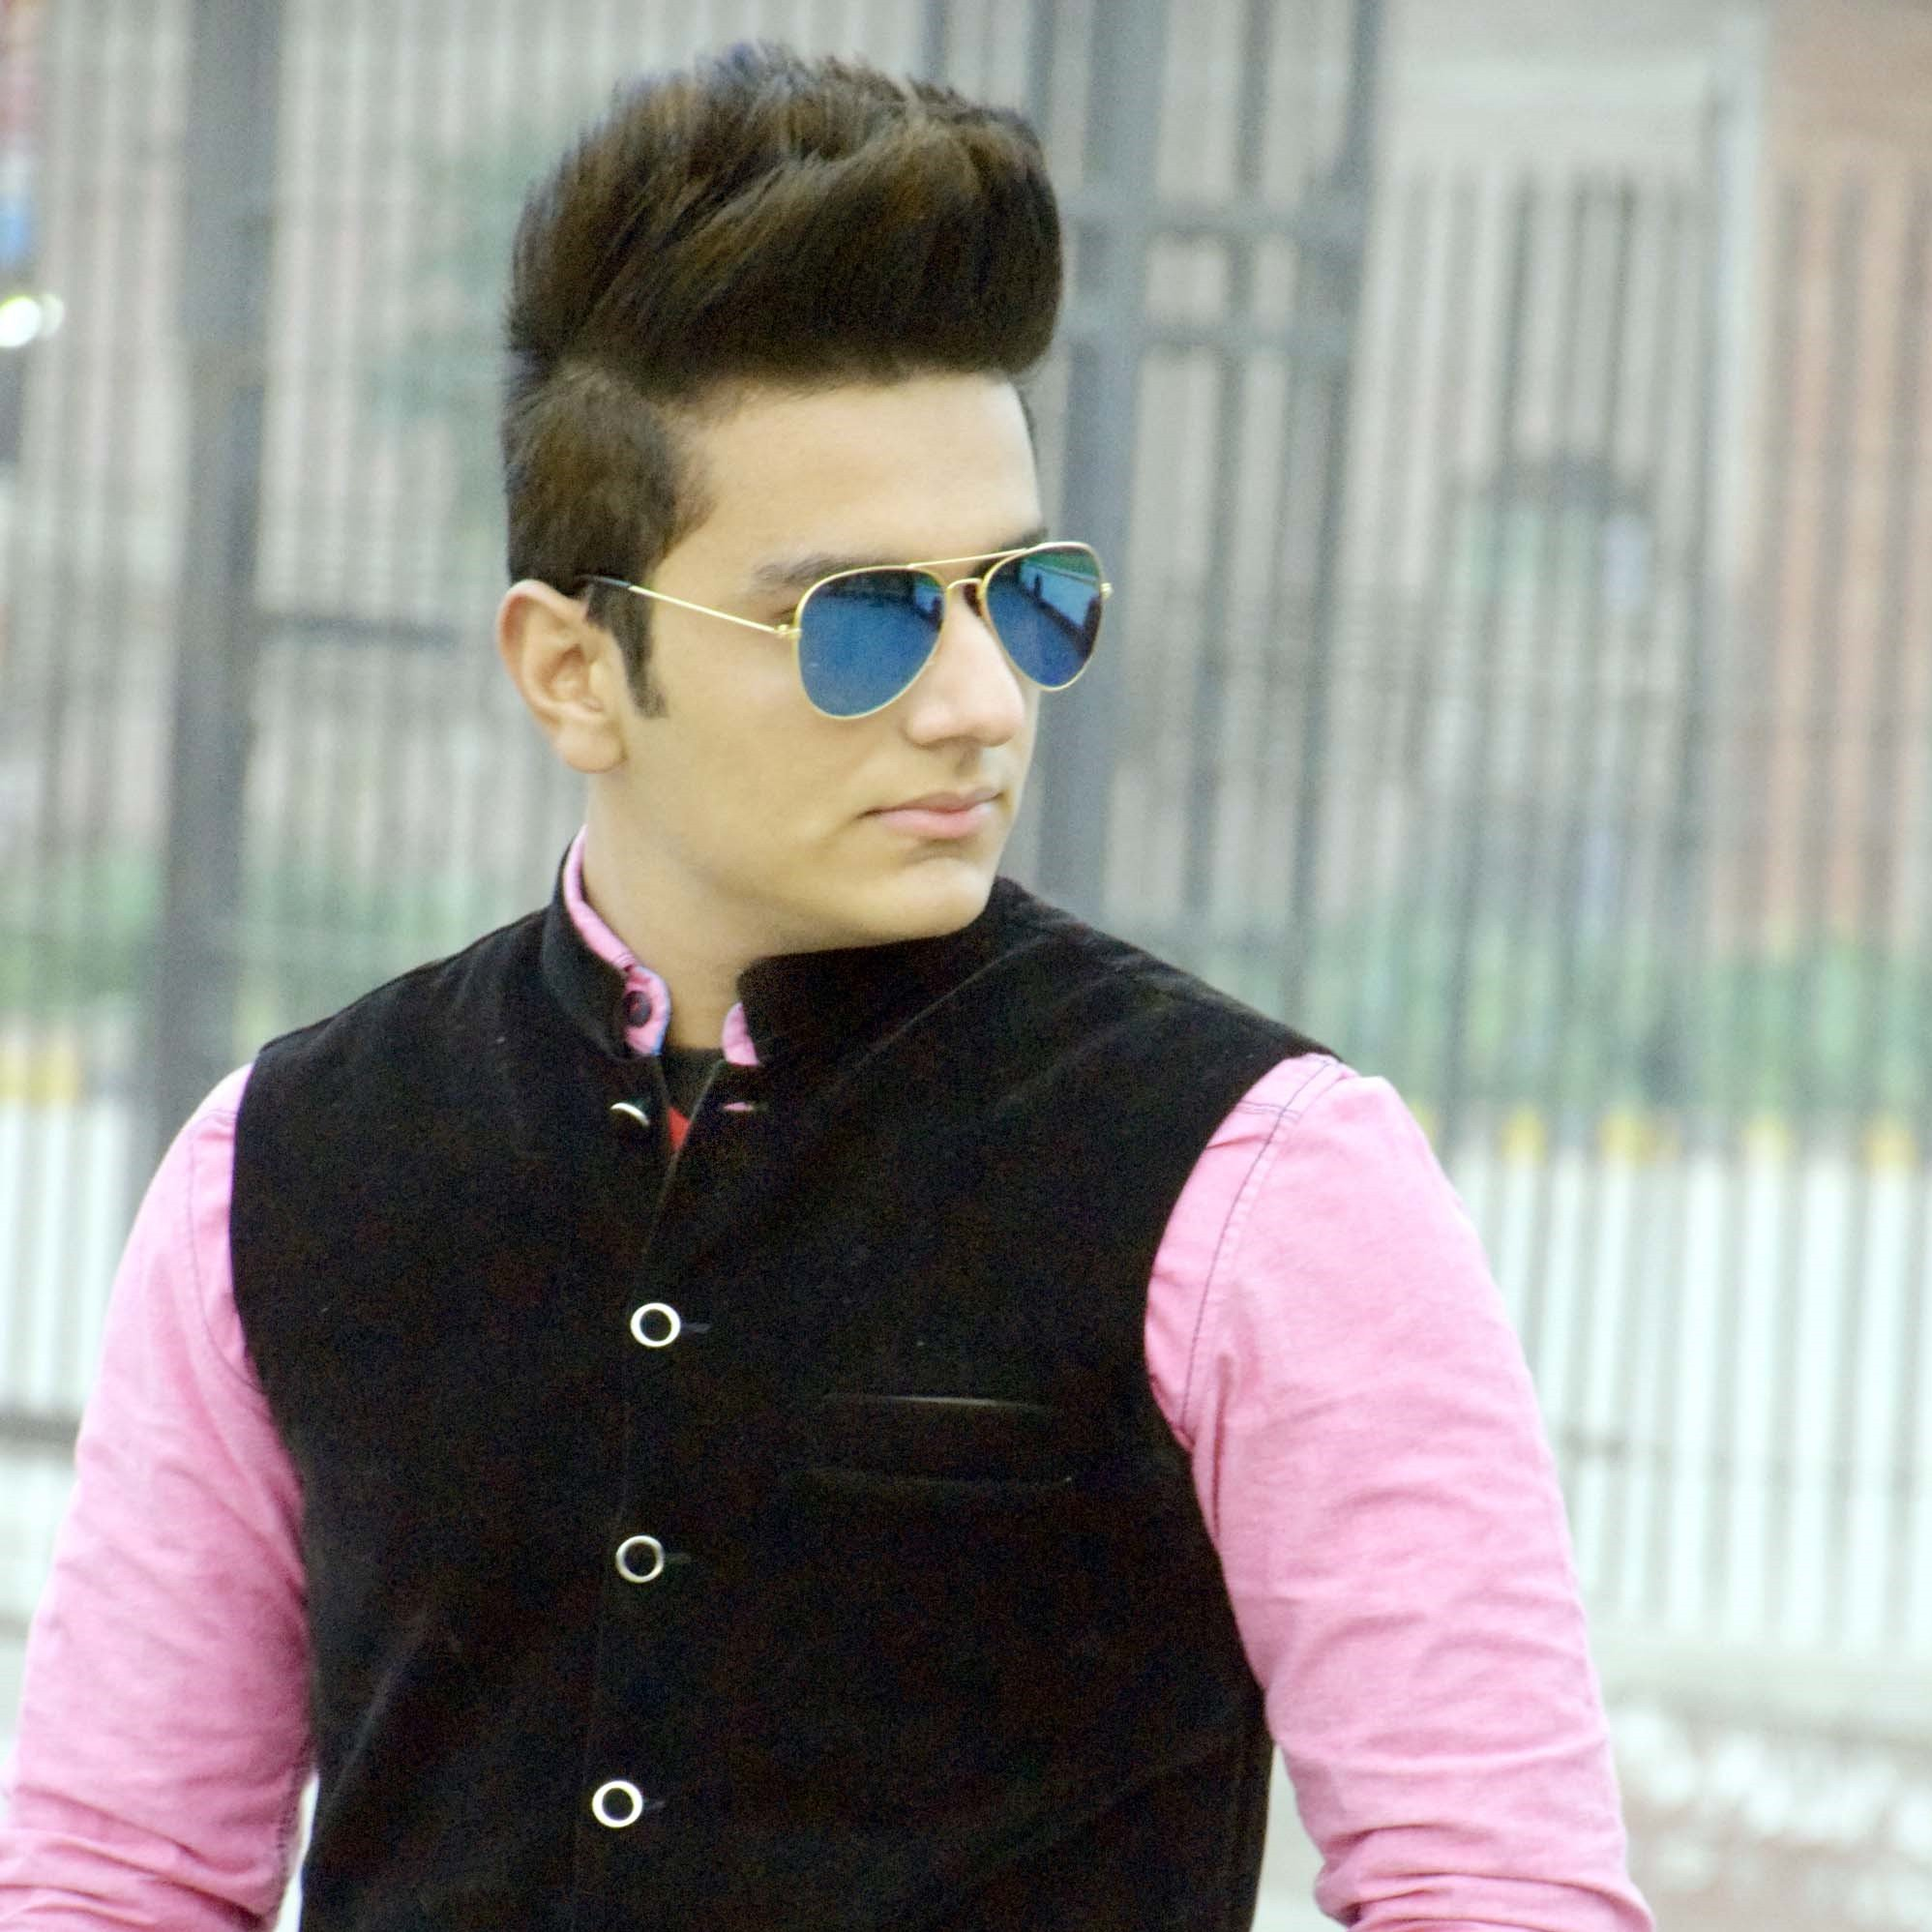 bilal saeed new haircut - Haircuts Models Ideas